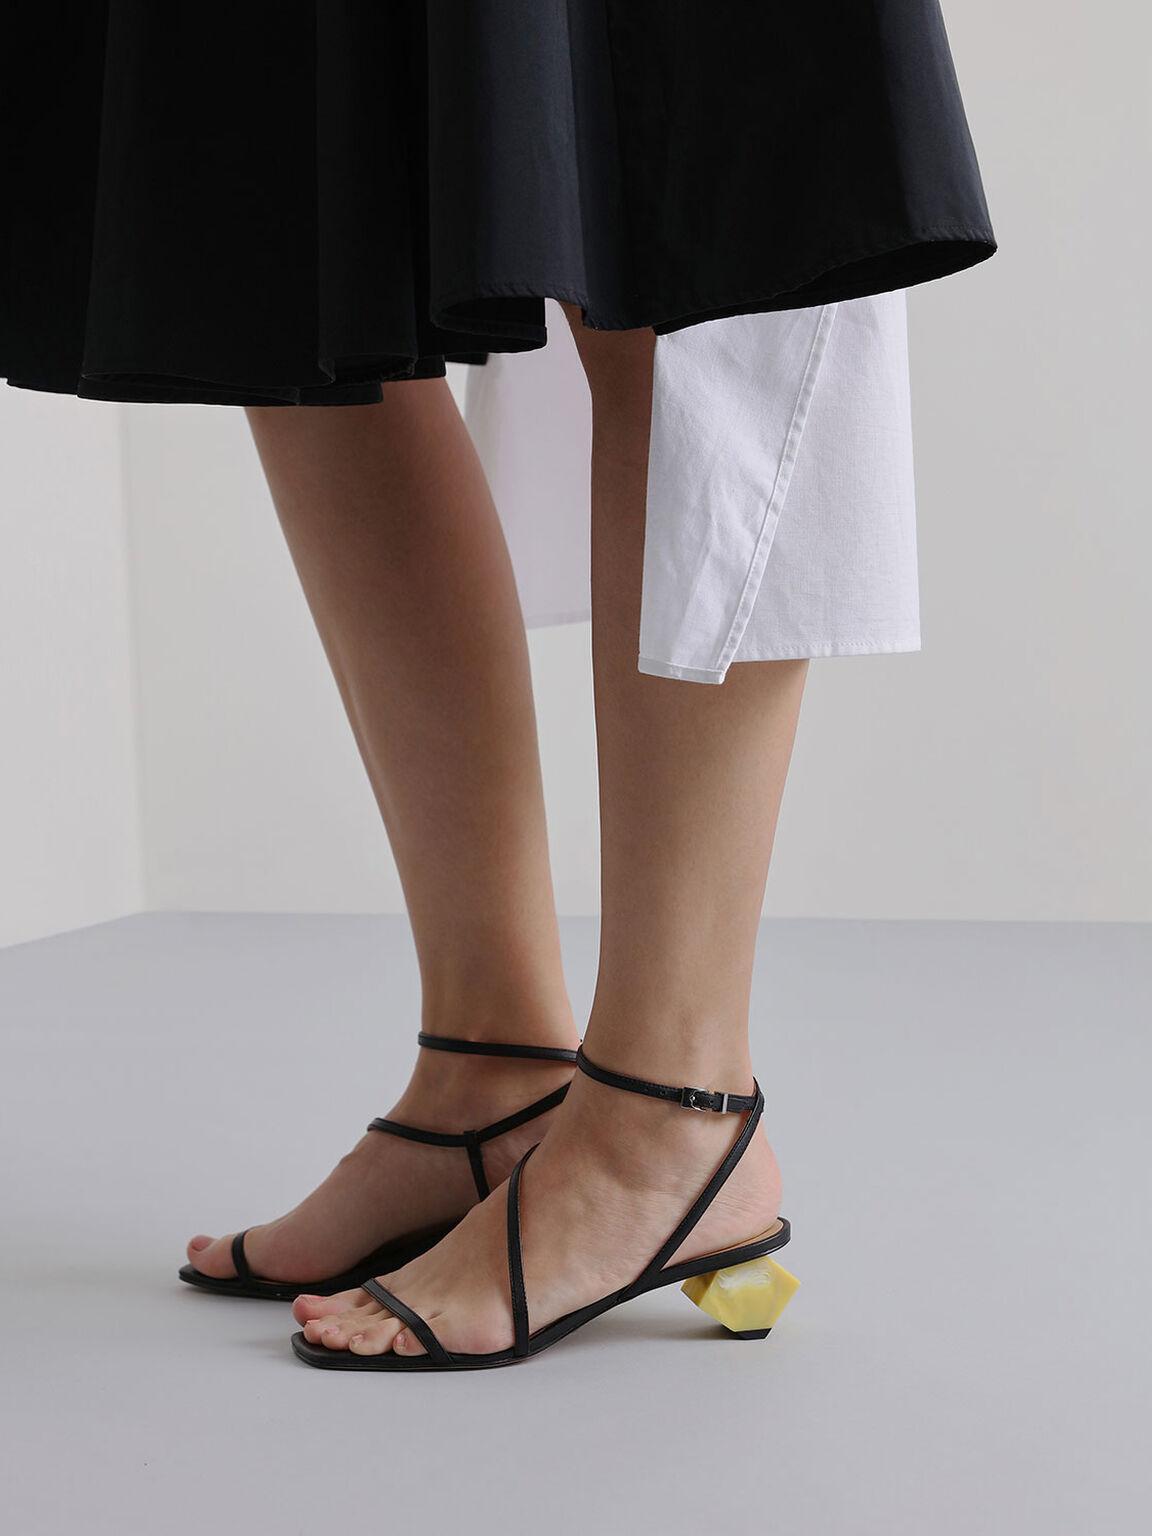 Leather Sculptural Heel Sandals, Black, hi-res